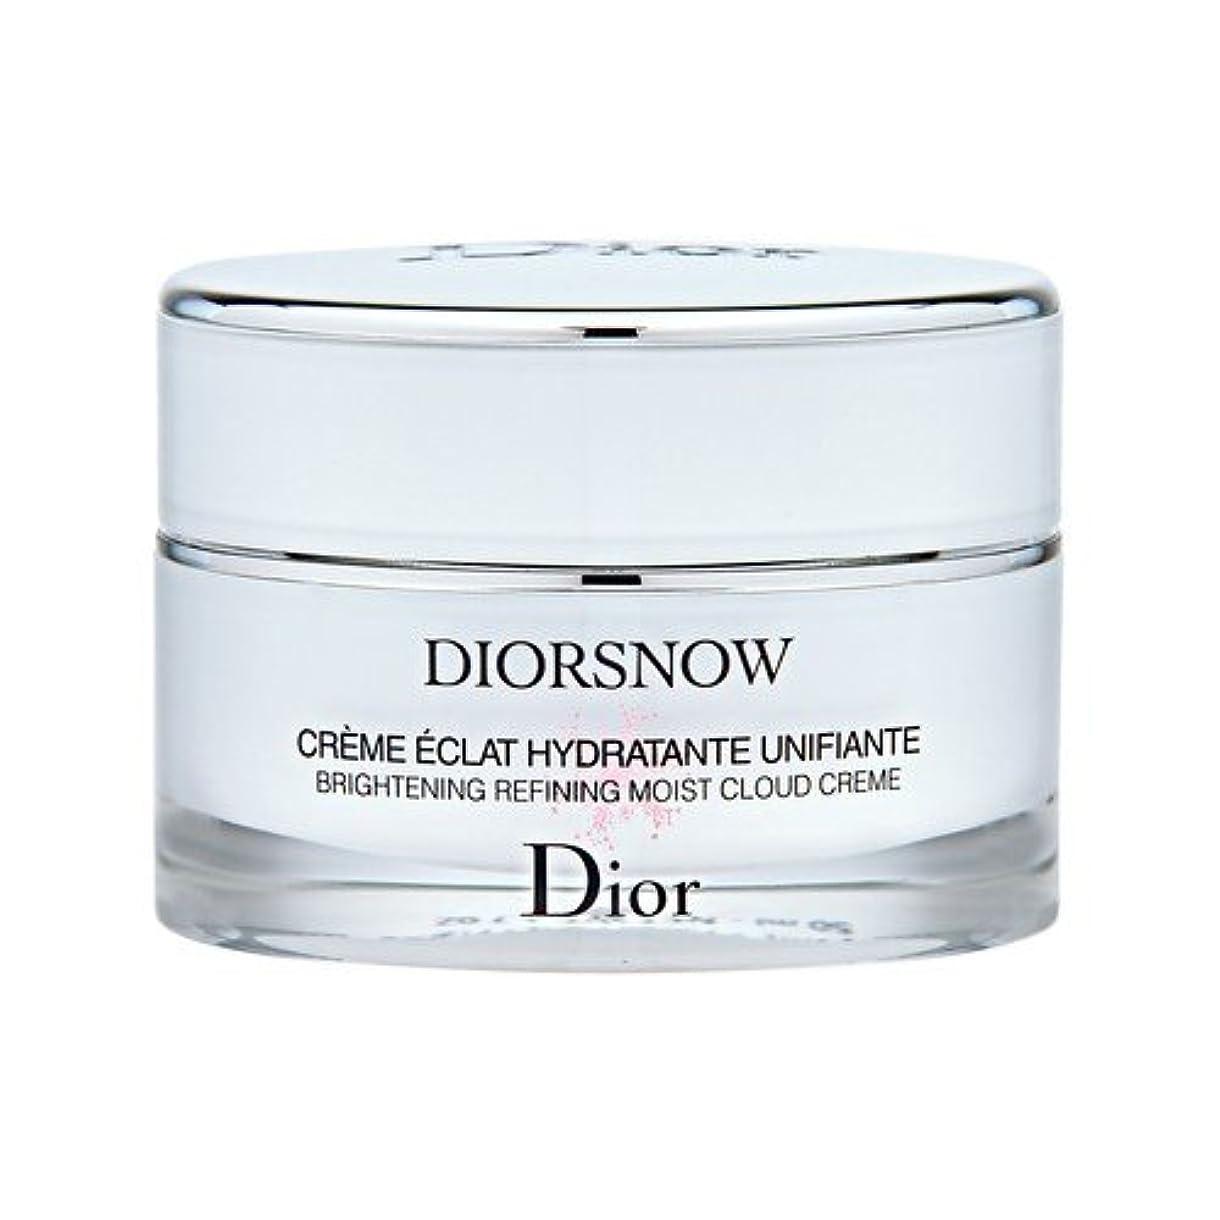 小数異常シールドクリスチャン ディオール(Christian Dior) スノー ブライトニング モイスト クリーム 50ml[並行輸入品]